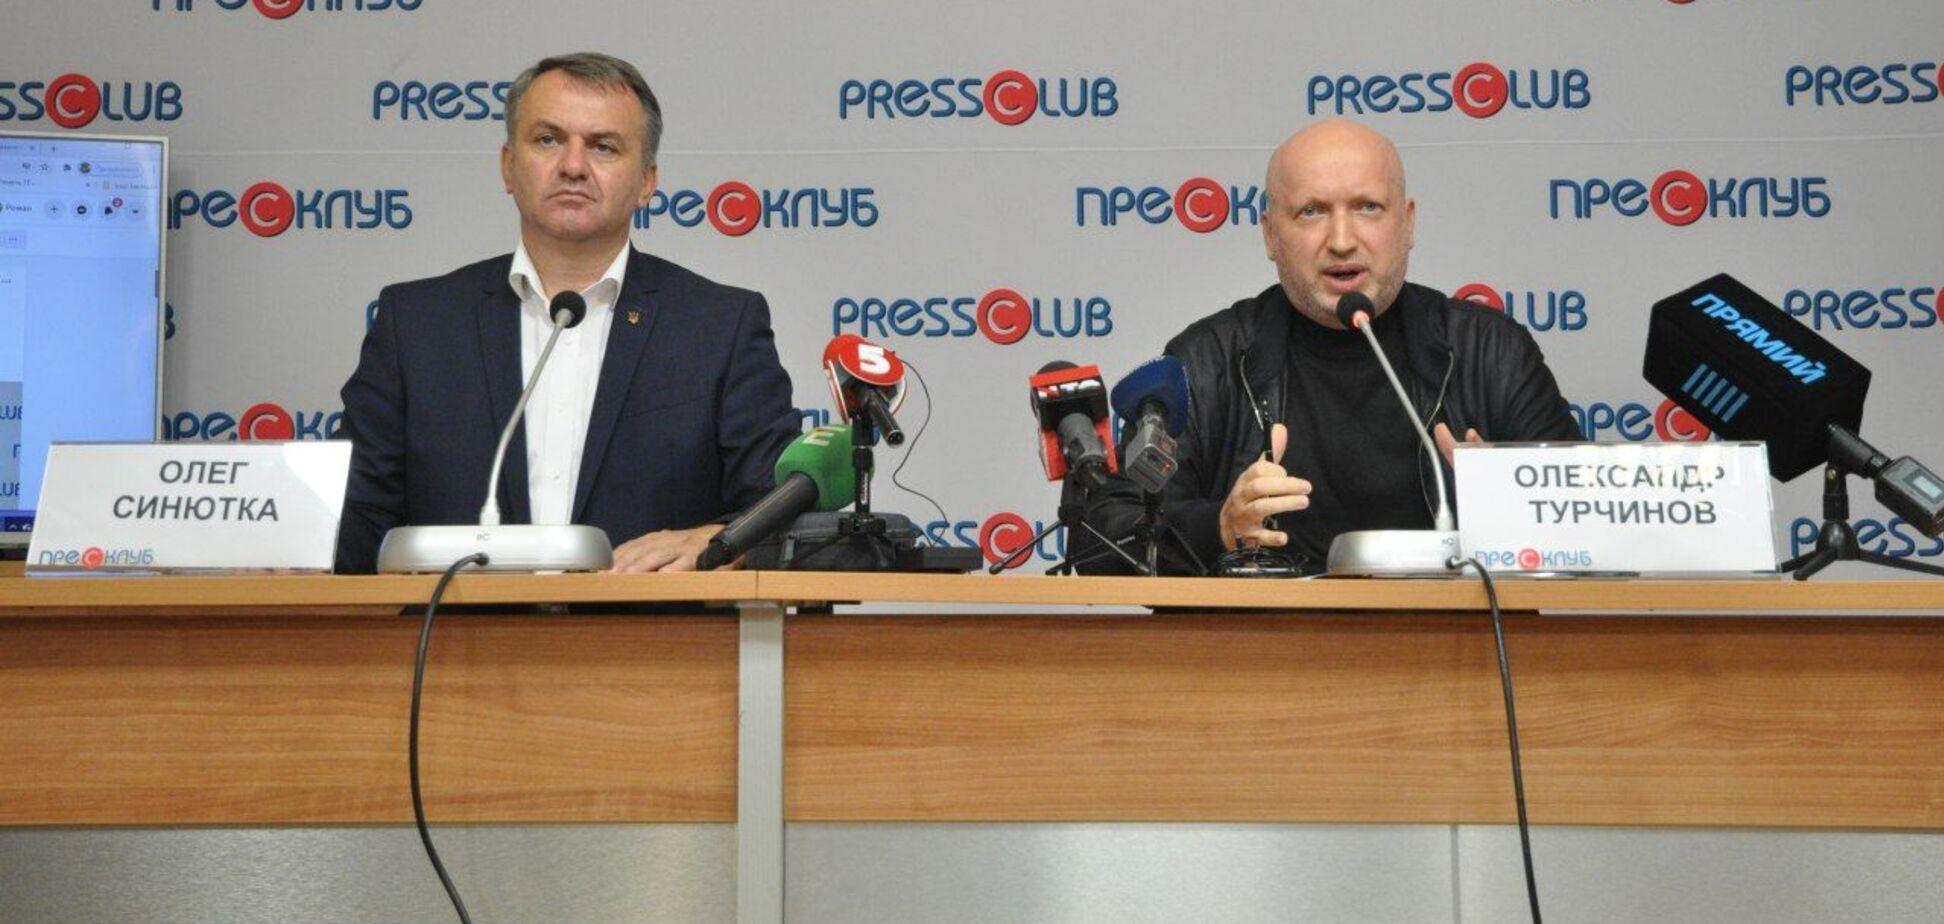 Украине нужны такие лидеры: Турчинов призвал львовян проголосовать за Олега Синютку